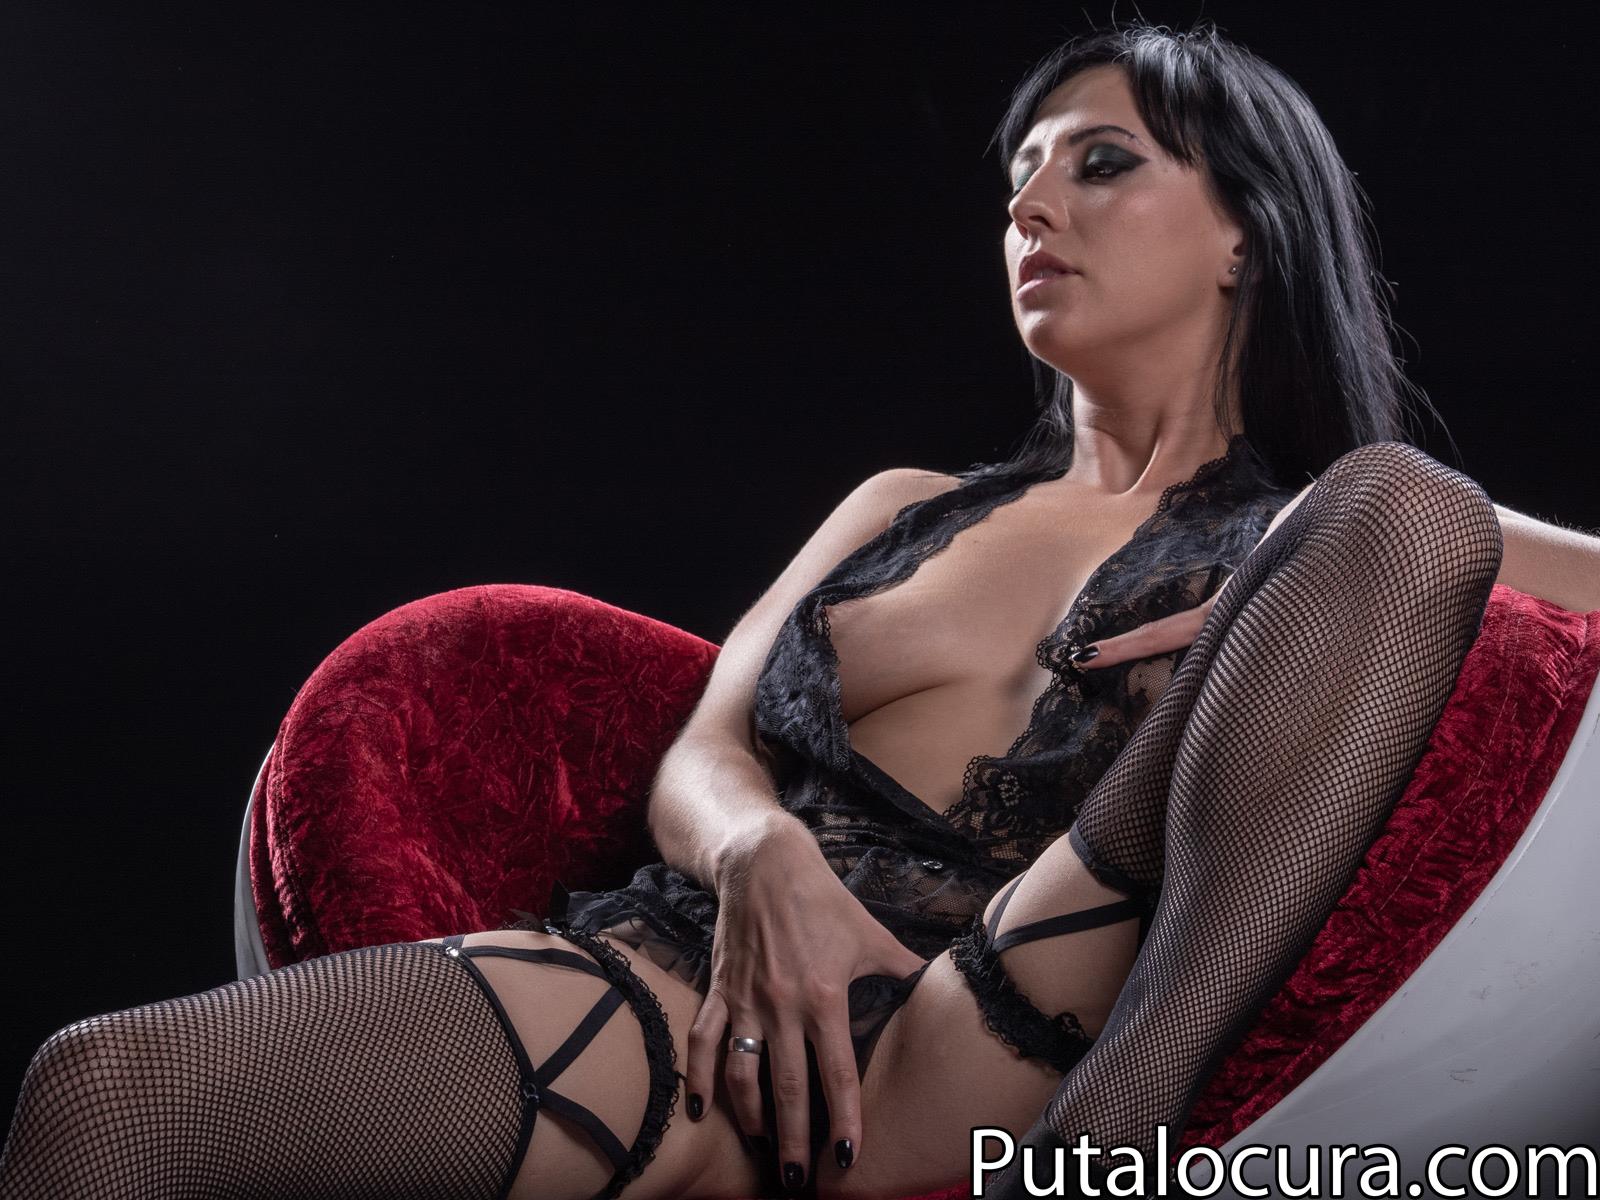 Actriz Porno Zendaespañola Humillada En Publico general – el blog de torbe |latest snapshot, chan:38472009